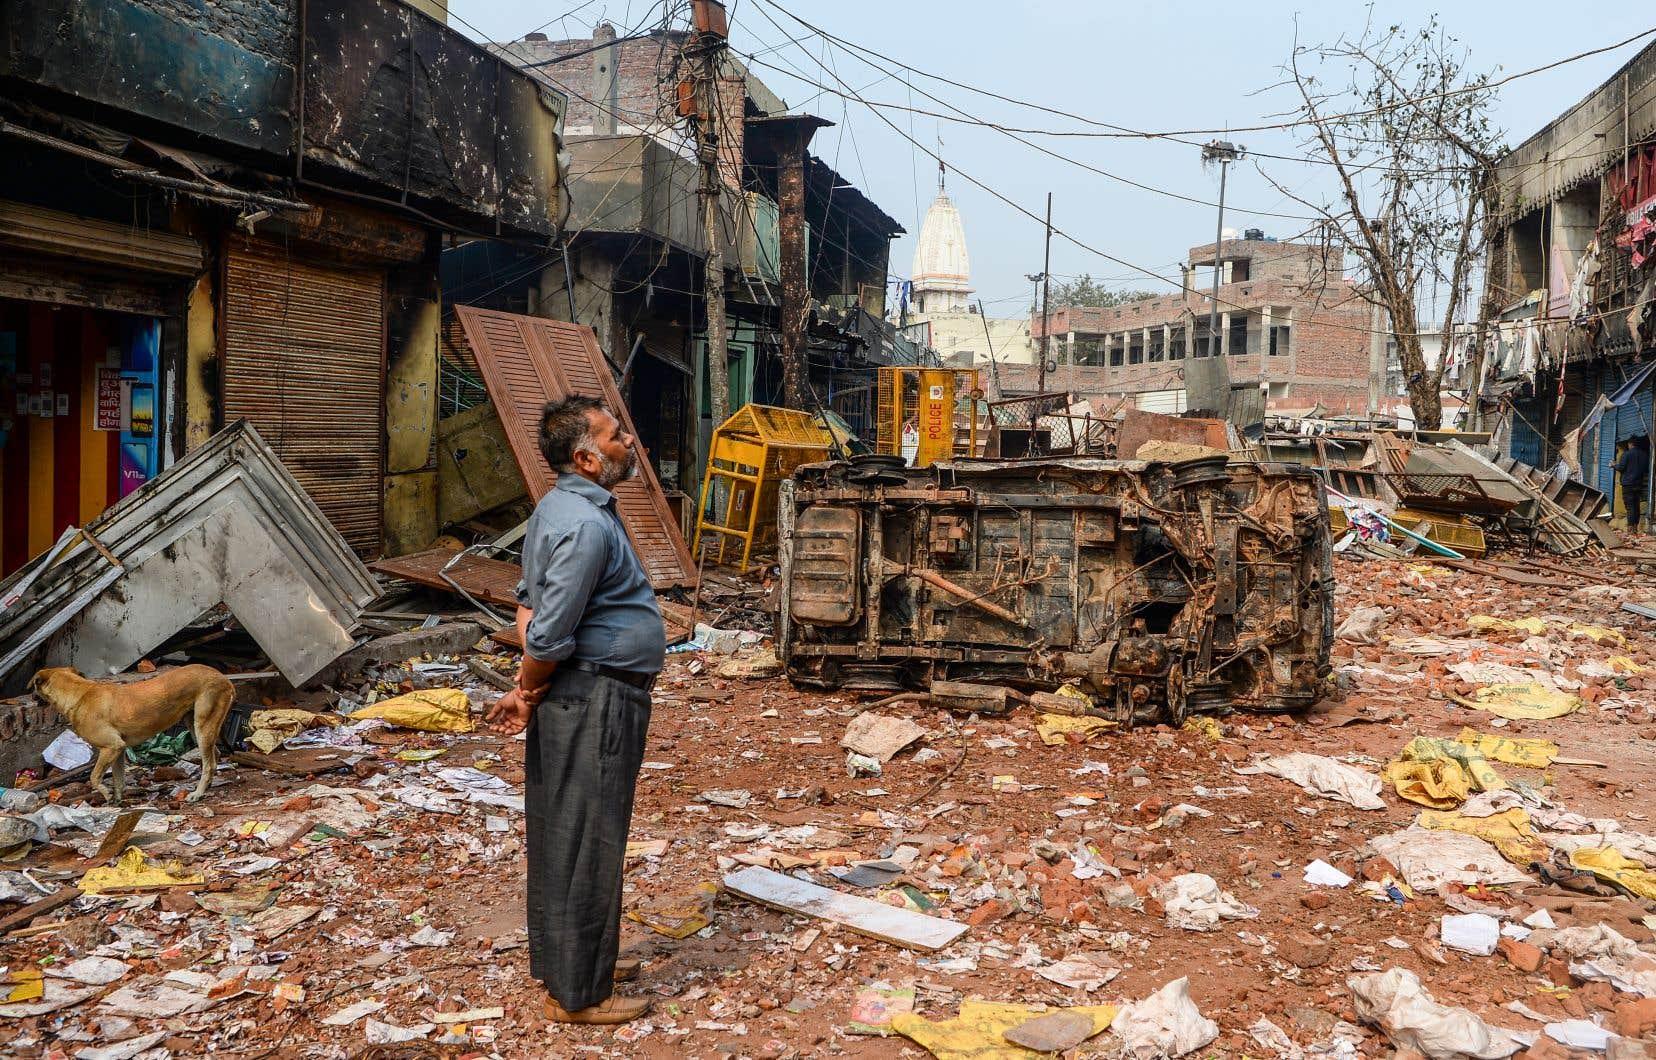 Des heurts entre partisans et opposants d'une loi controversée sur la citoyenneté ont dégénéré en affrontements communautaires entre hindous et musulmans.